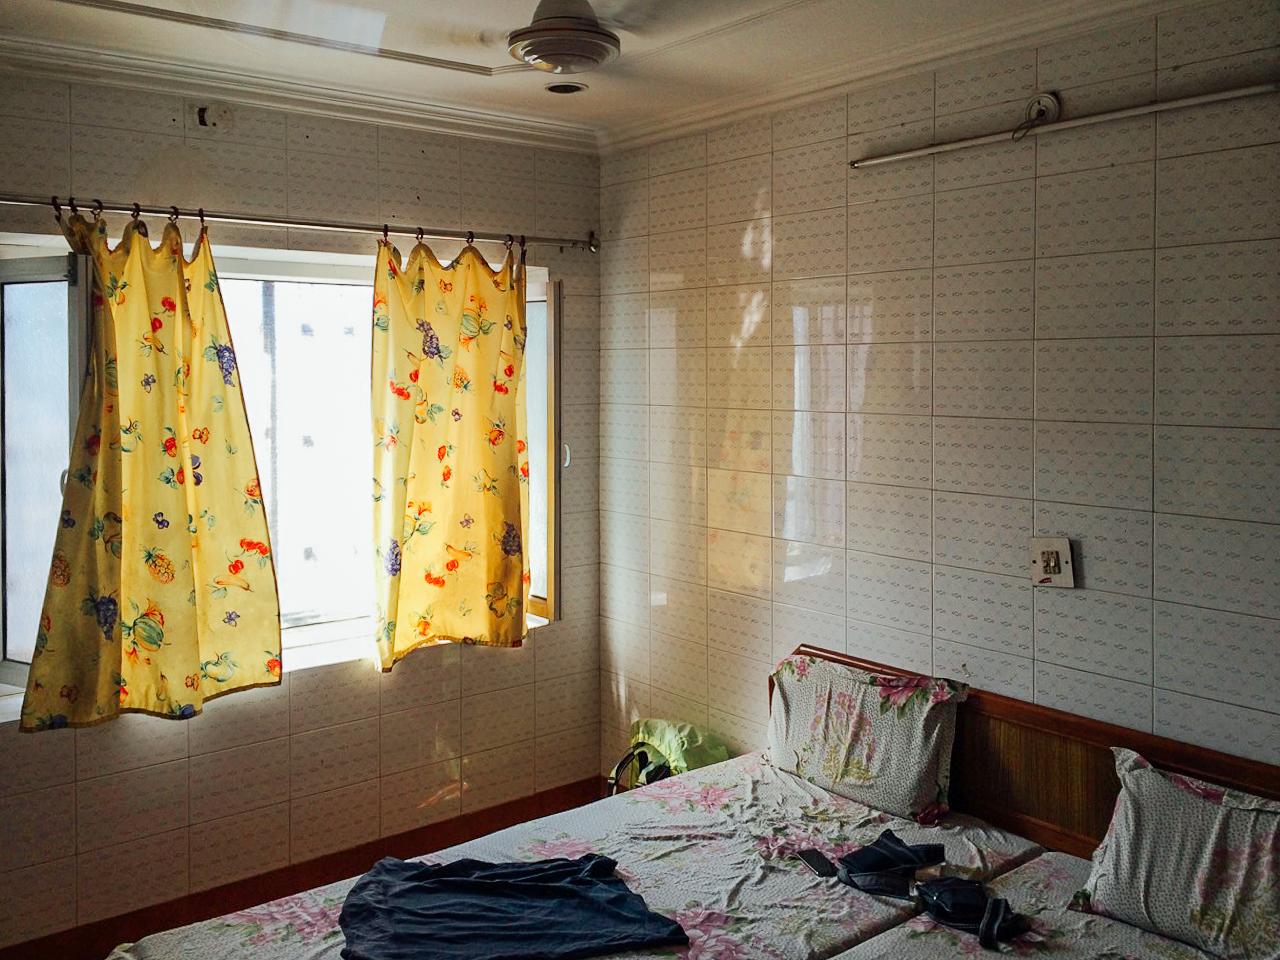 Путешествие по Индии: комната в отеле, Агра